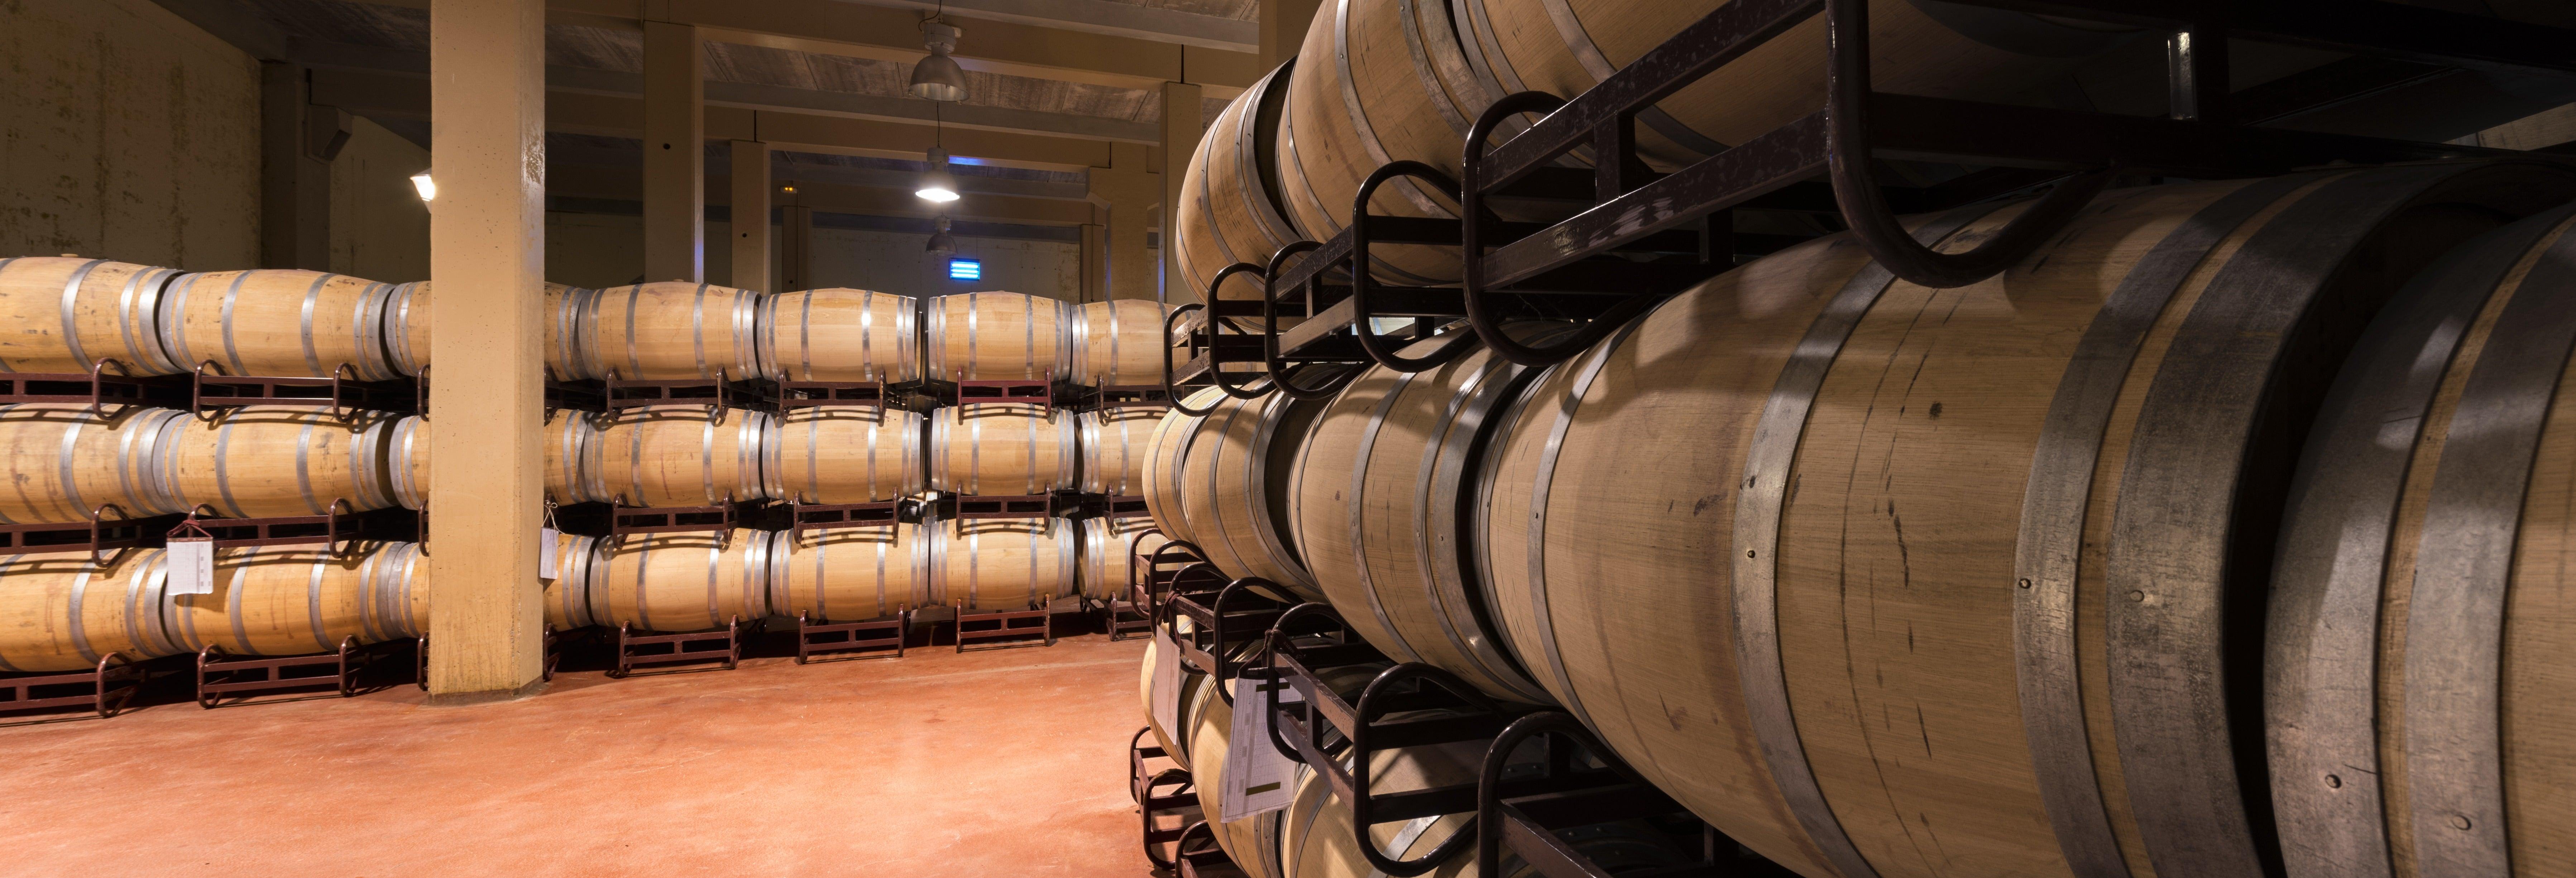 Tour de viñedos y bodegas por La Mancha